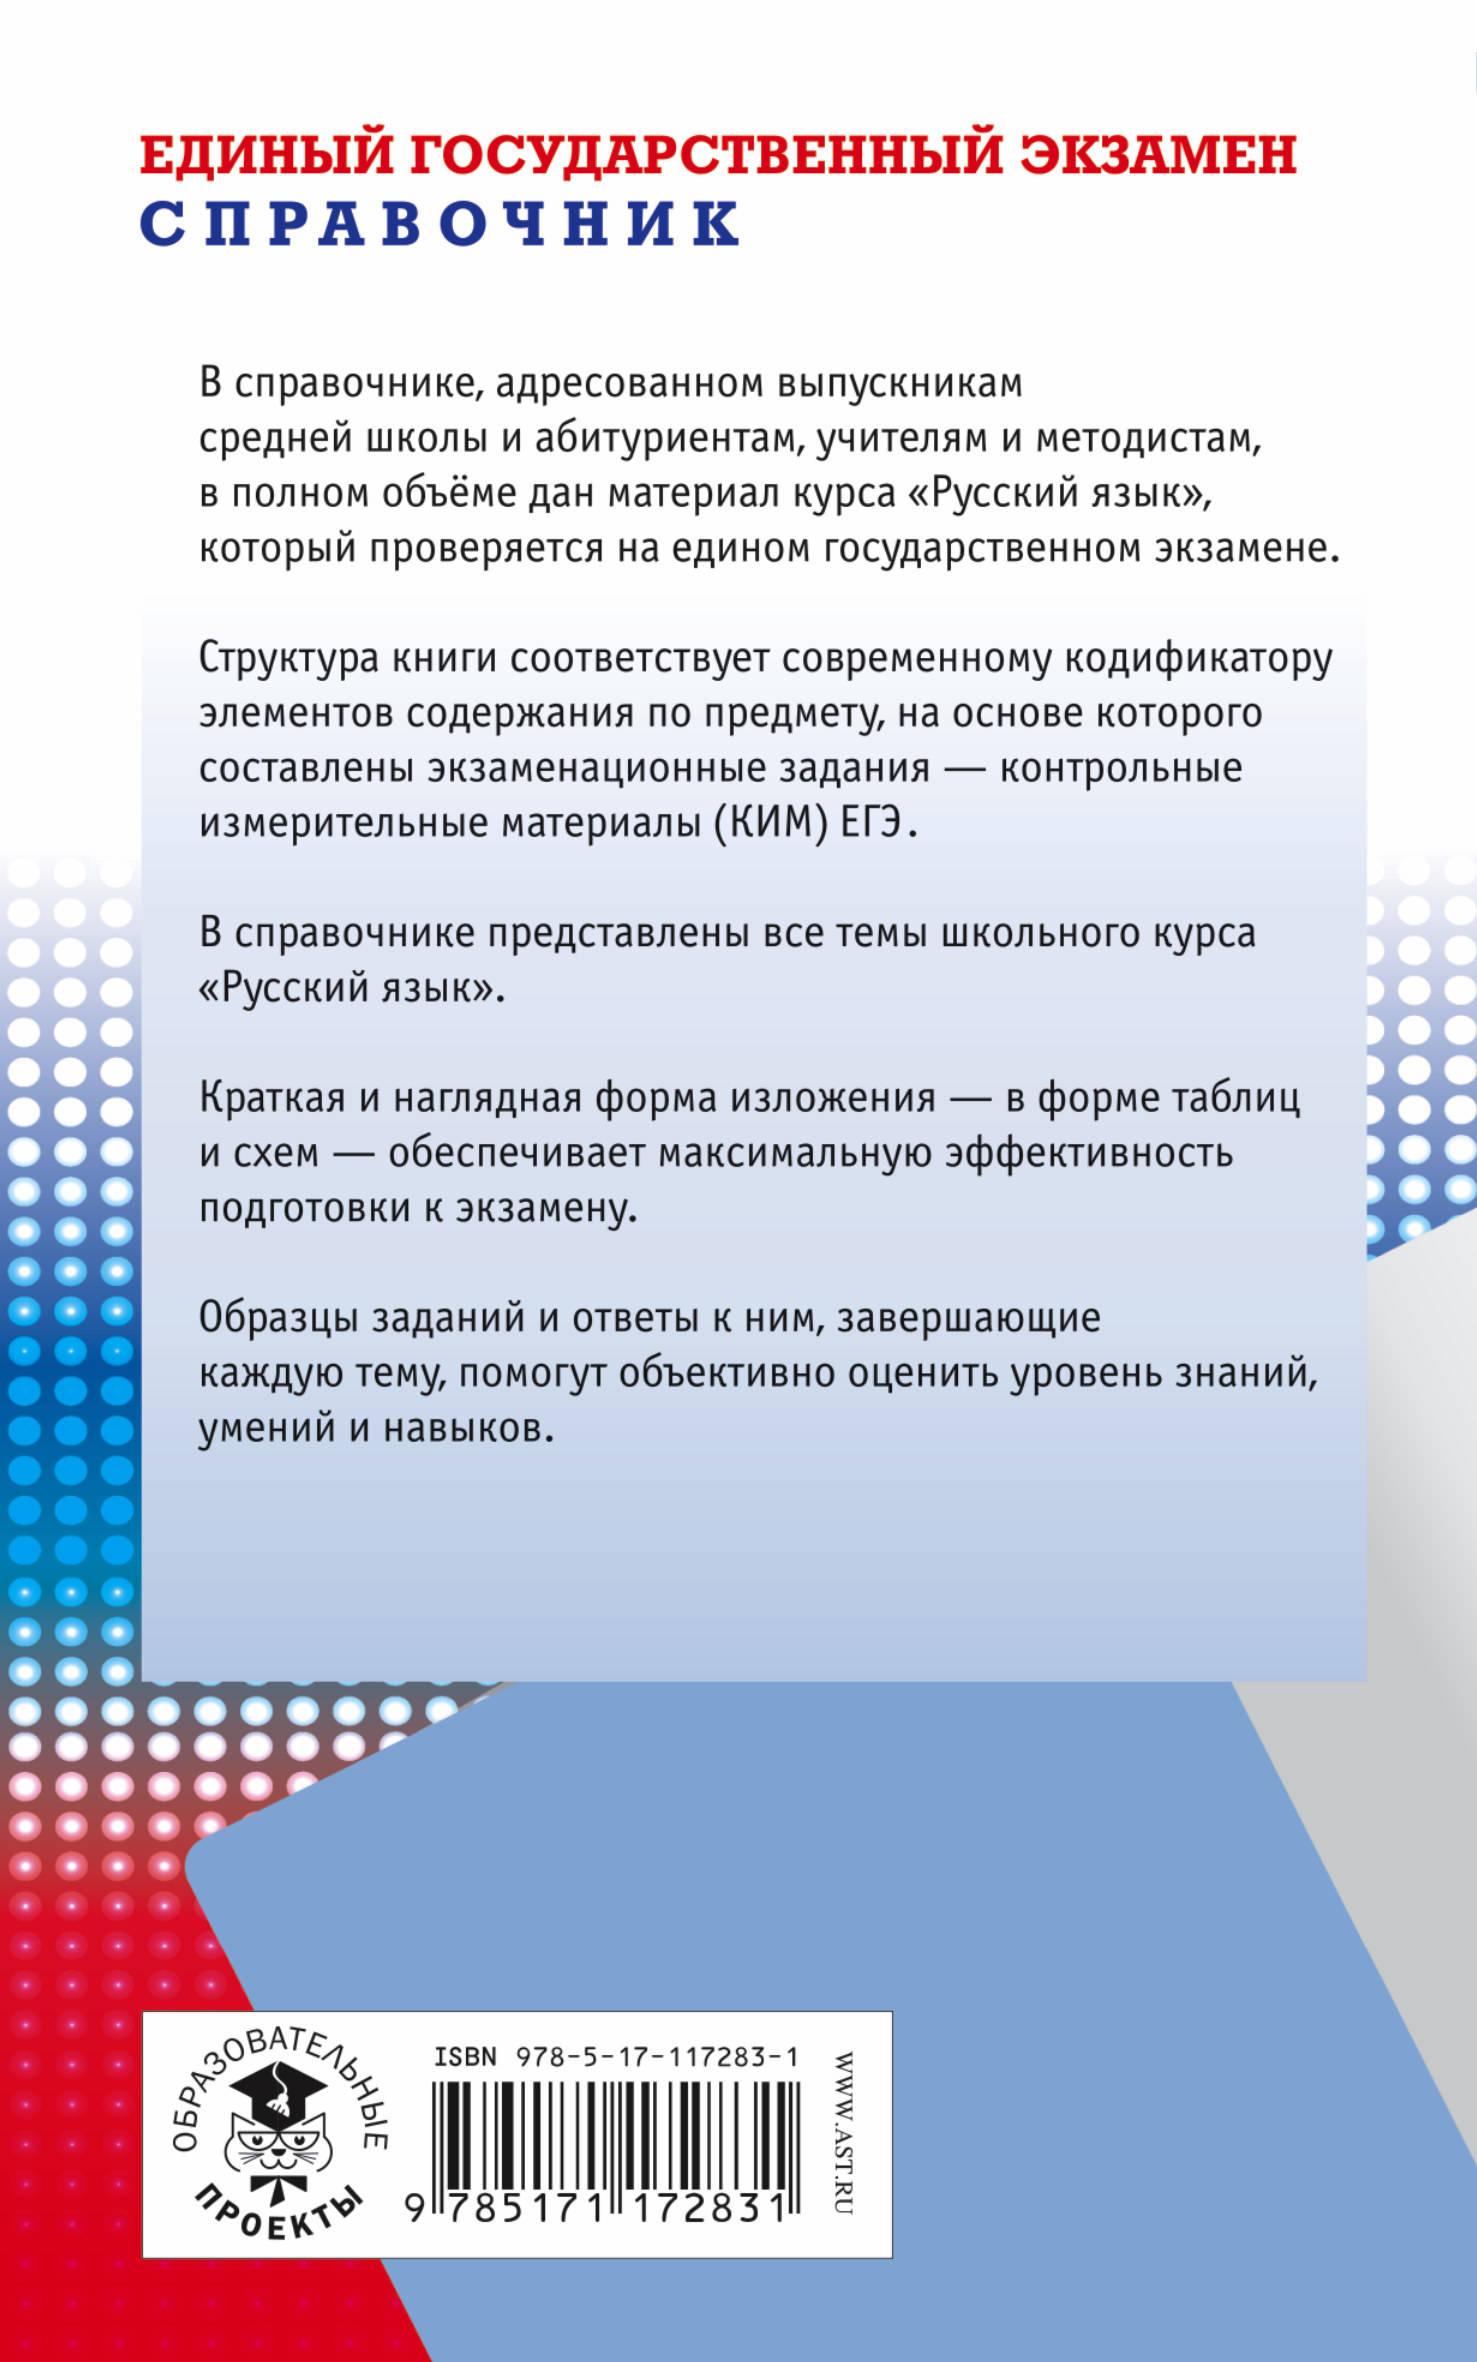 Симакова Елена Святославовна. ЕГЭ. Русский язык. Новый полный справочник для подготовки к ЕГЭ